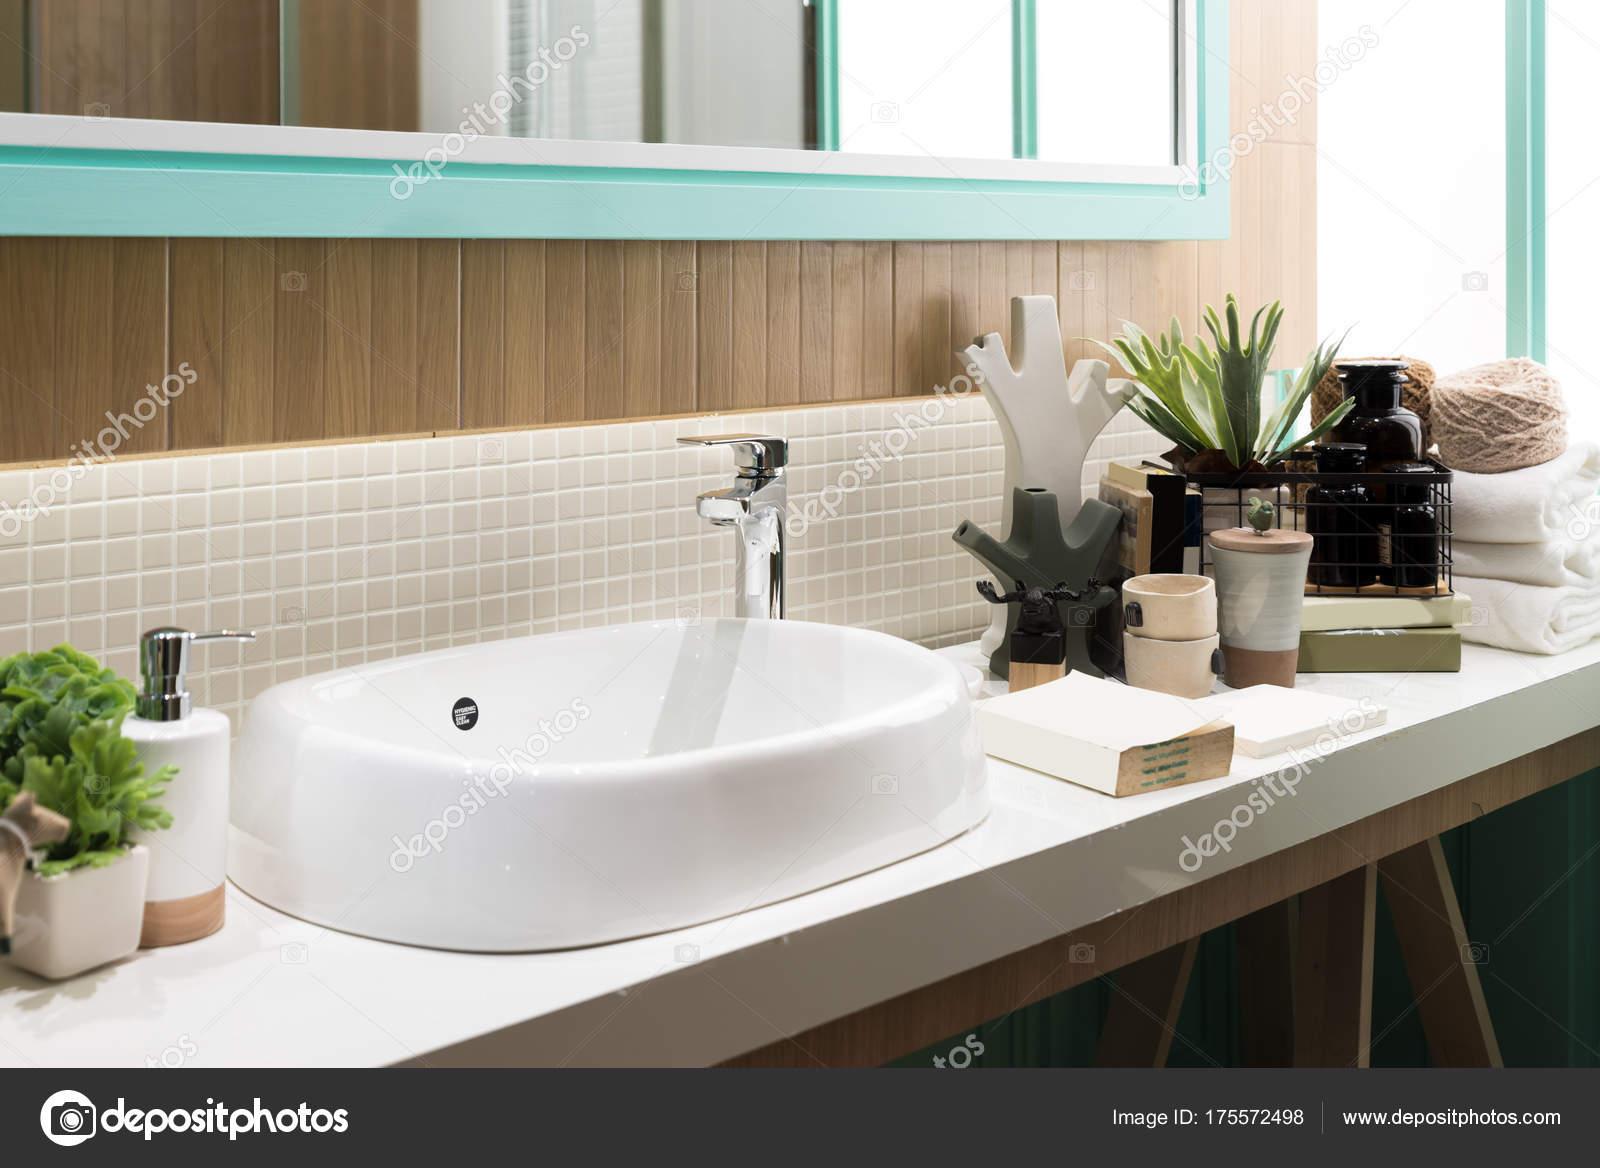 Lavandini Da Bagno Moderni : Lavandini bagno moderni lavandini bagni moderni elegant lavabo